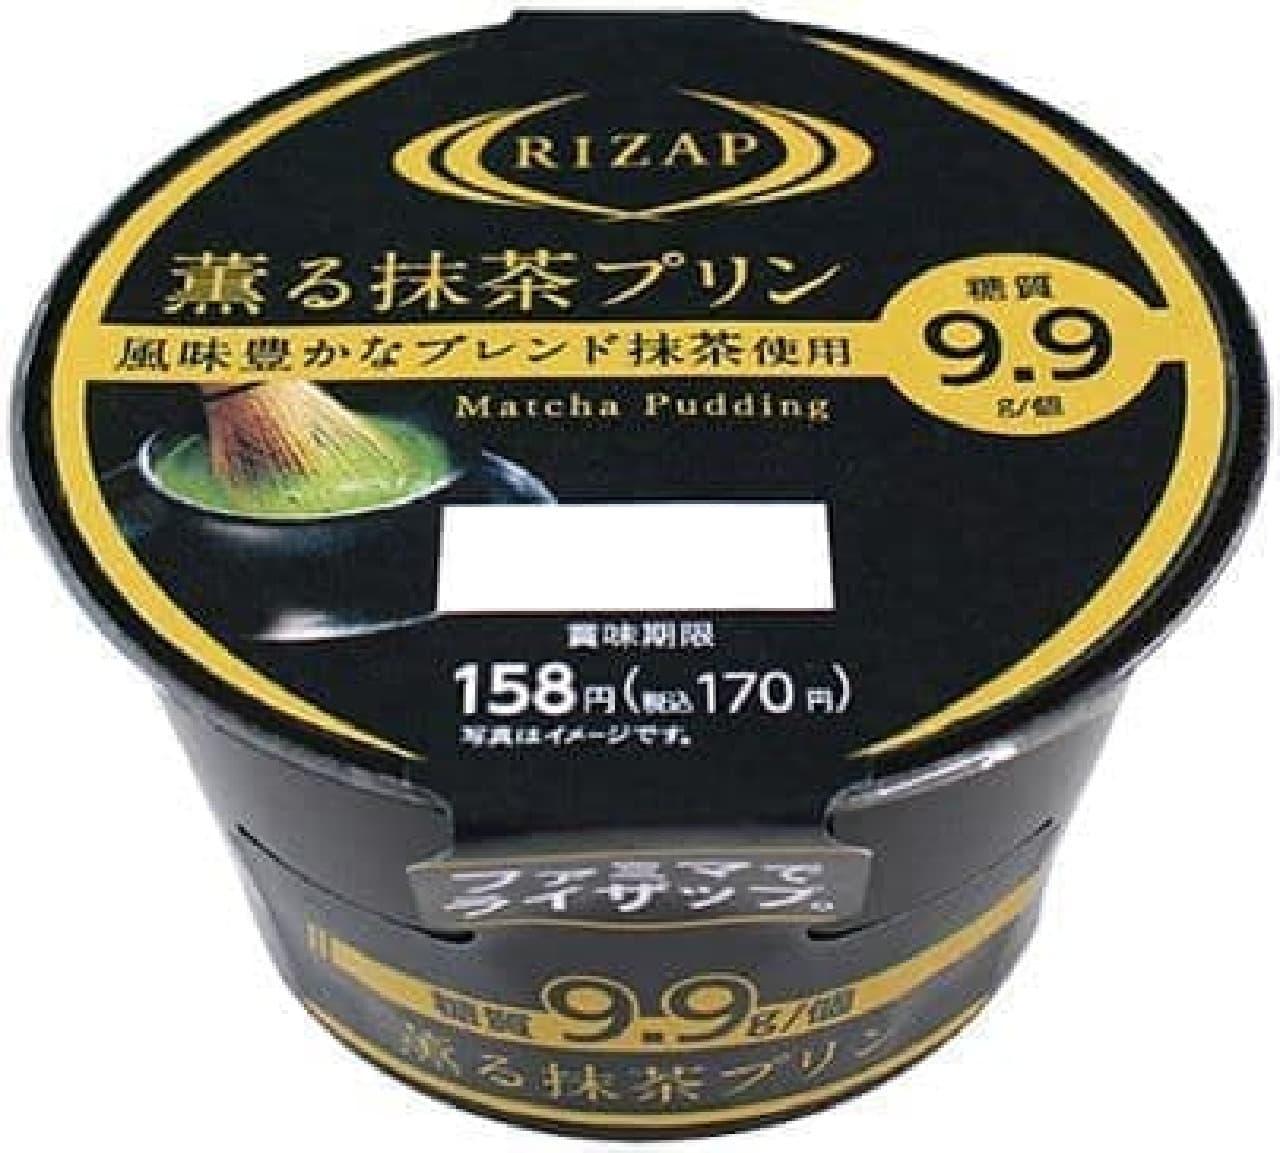 ファミリーマート「RIZAP 薫る抹茶プリン」